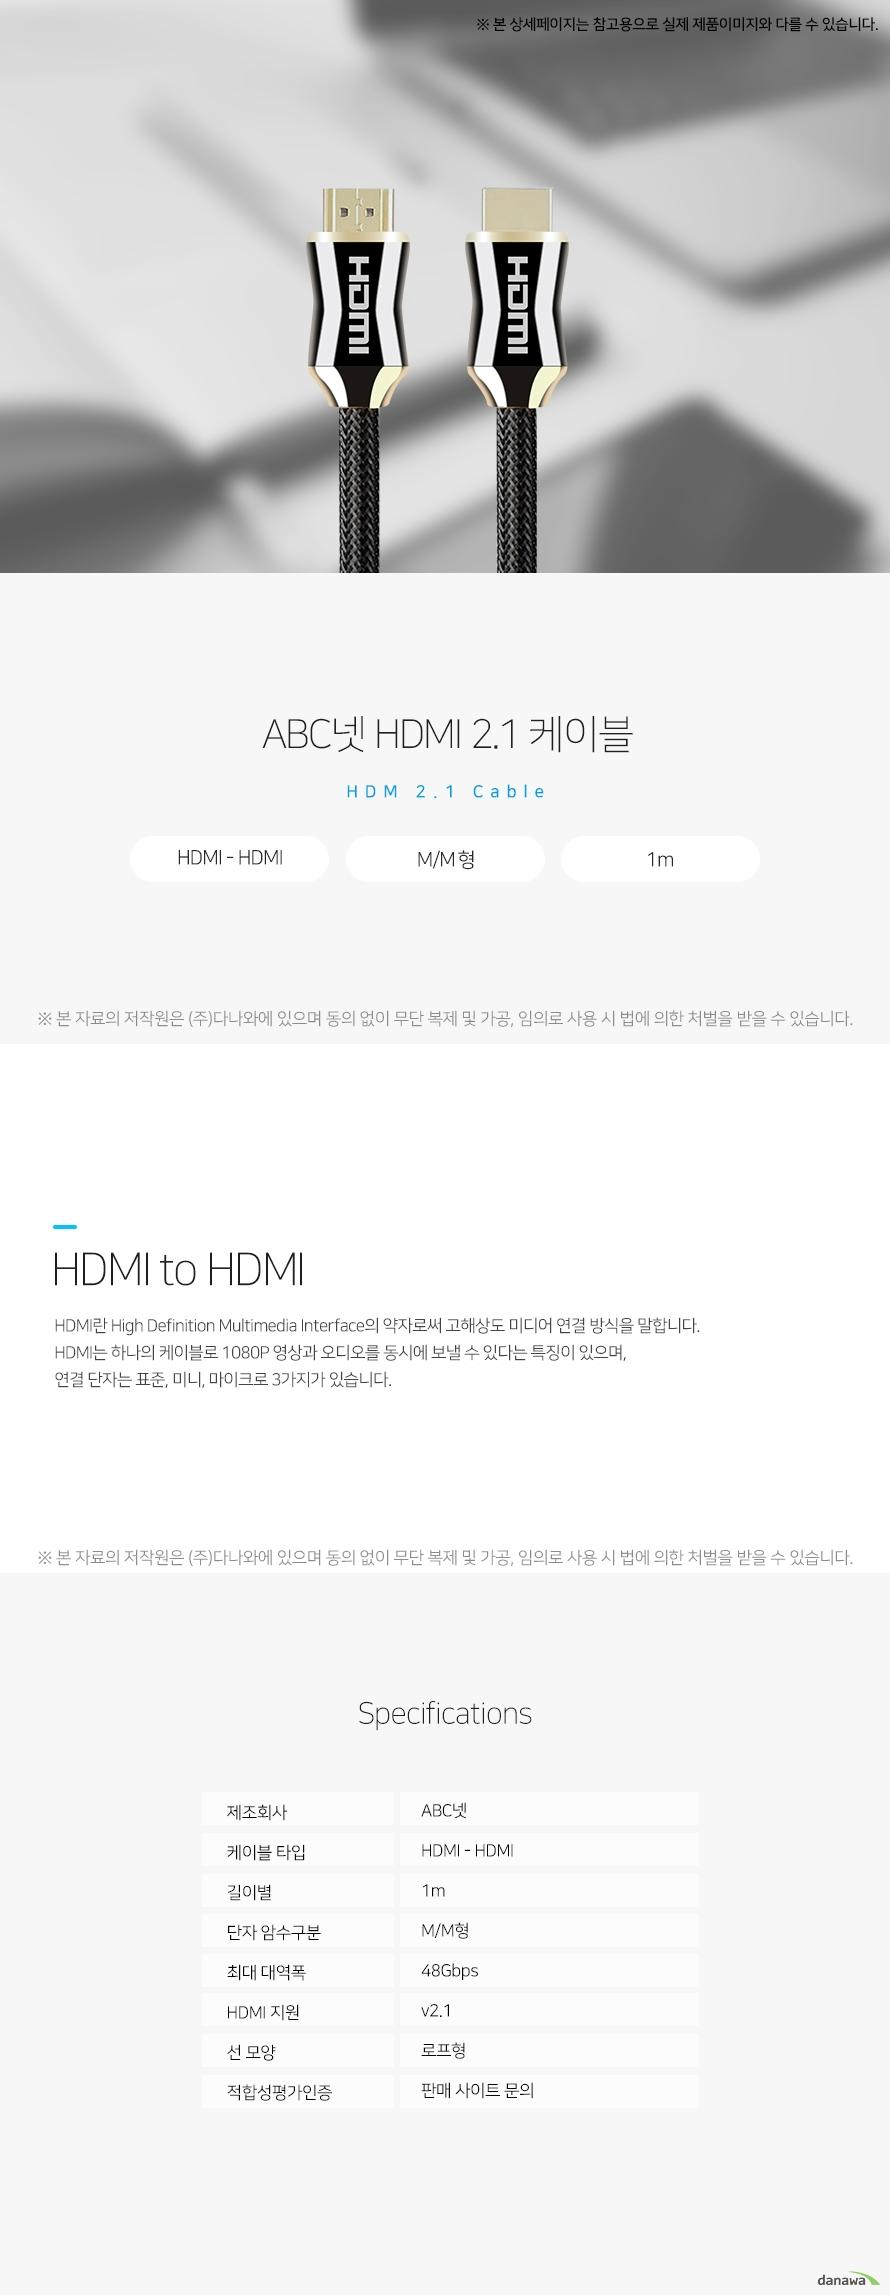 ABC넷 HDMI 2.1 케이블 (1m) 상세 스펙 HDMI 케이블 / HDMI~HDMI / M/M형 / 최대 대역폭: 48Gbps / v2.1 / HDMI / HDR / eARC / 로프형 / 최대 7680x4320 60Hz / QFT, QMS, VRR 지원